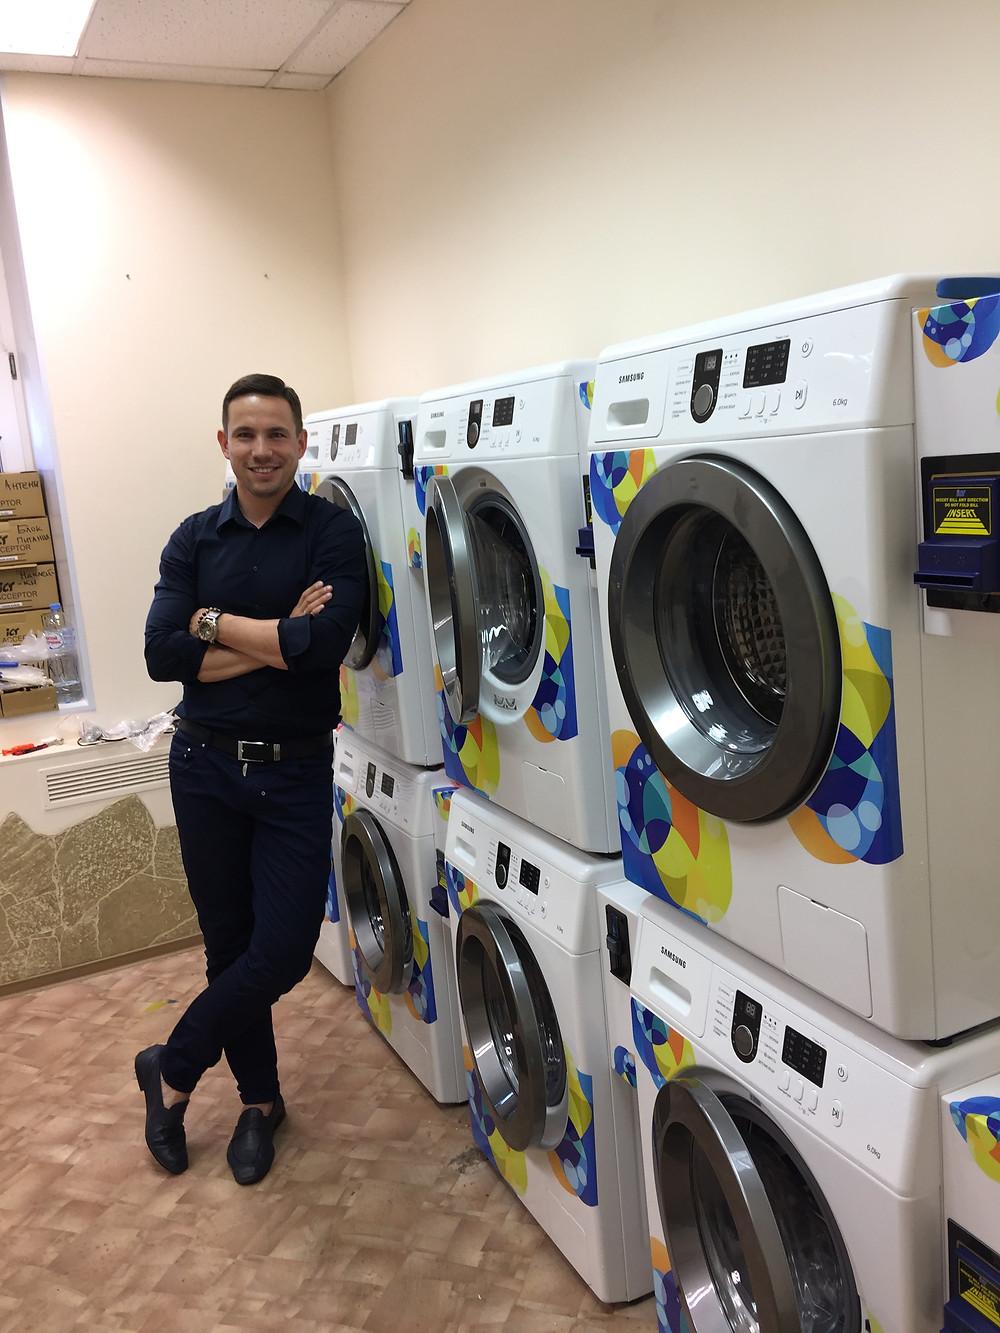 Ландроматы Прачечечная самообслуживания купить стиральную машину с купюроприемником